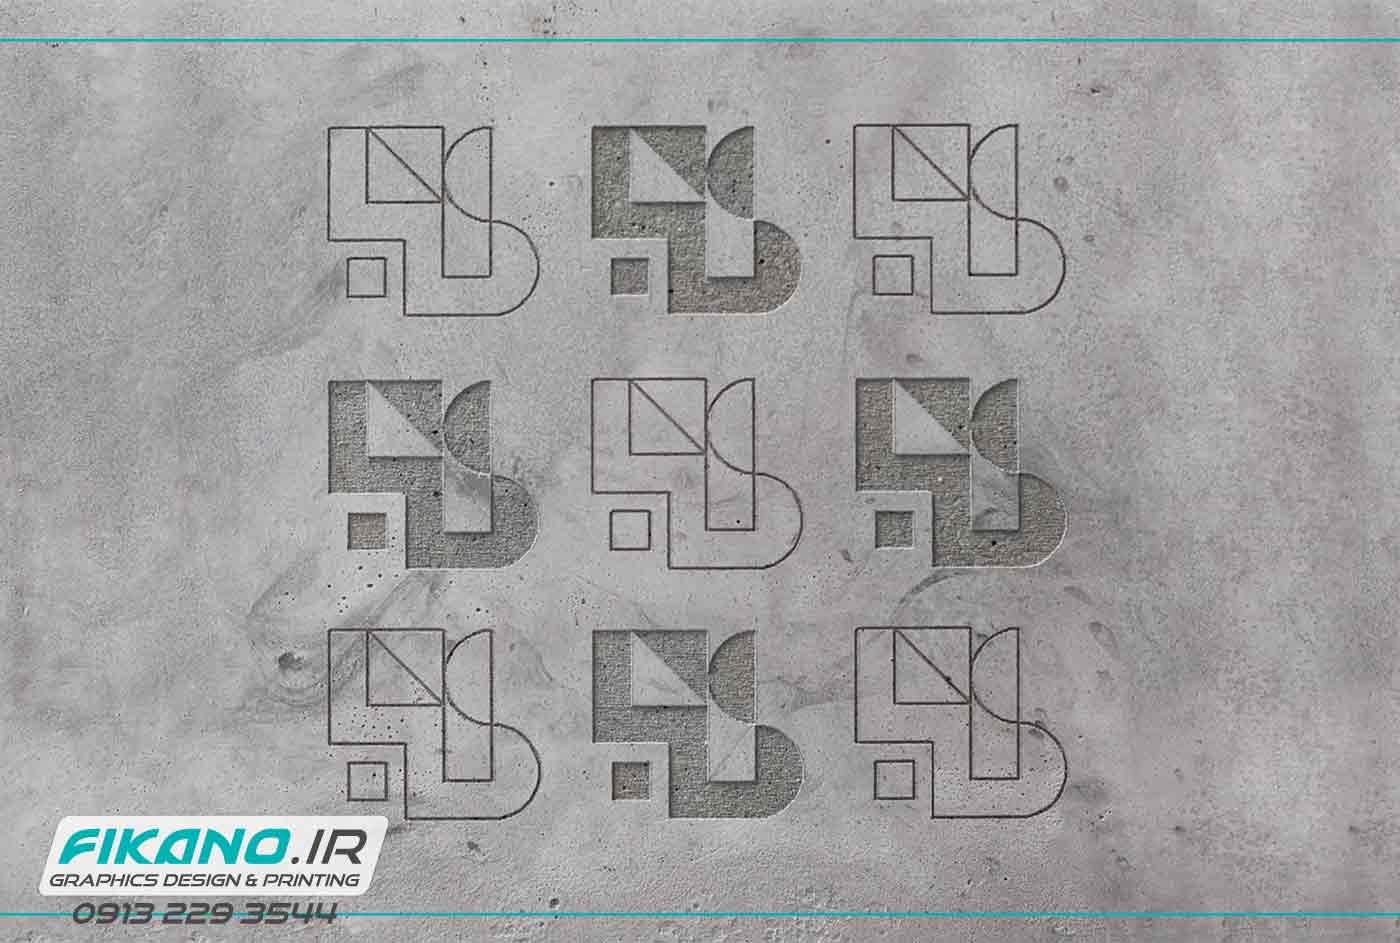 سفارش طراحی لوگو و برند در وب سایت فیکانو www.fikano.ir